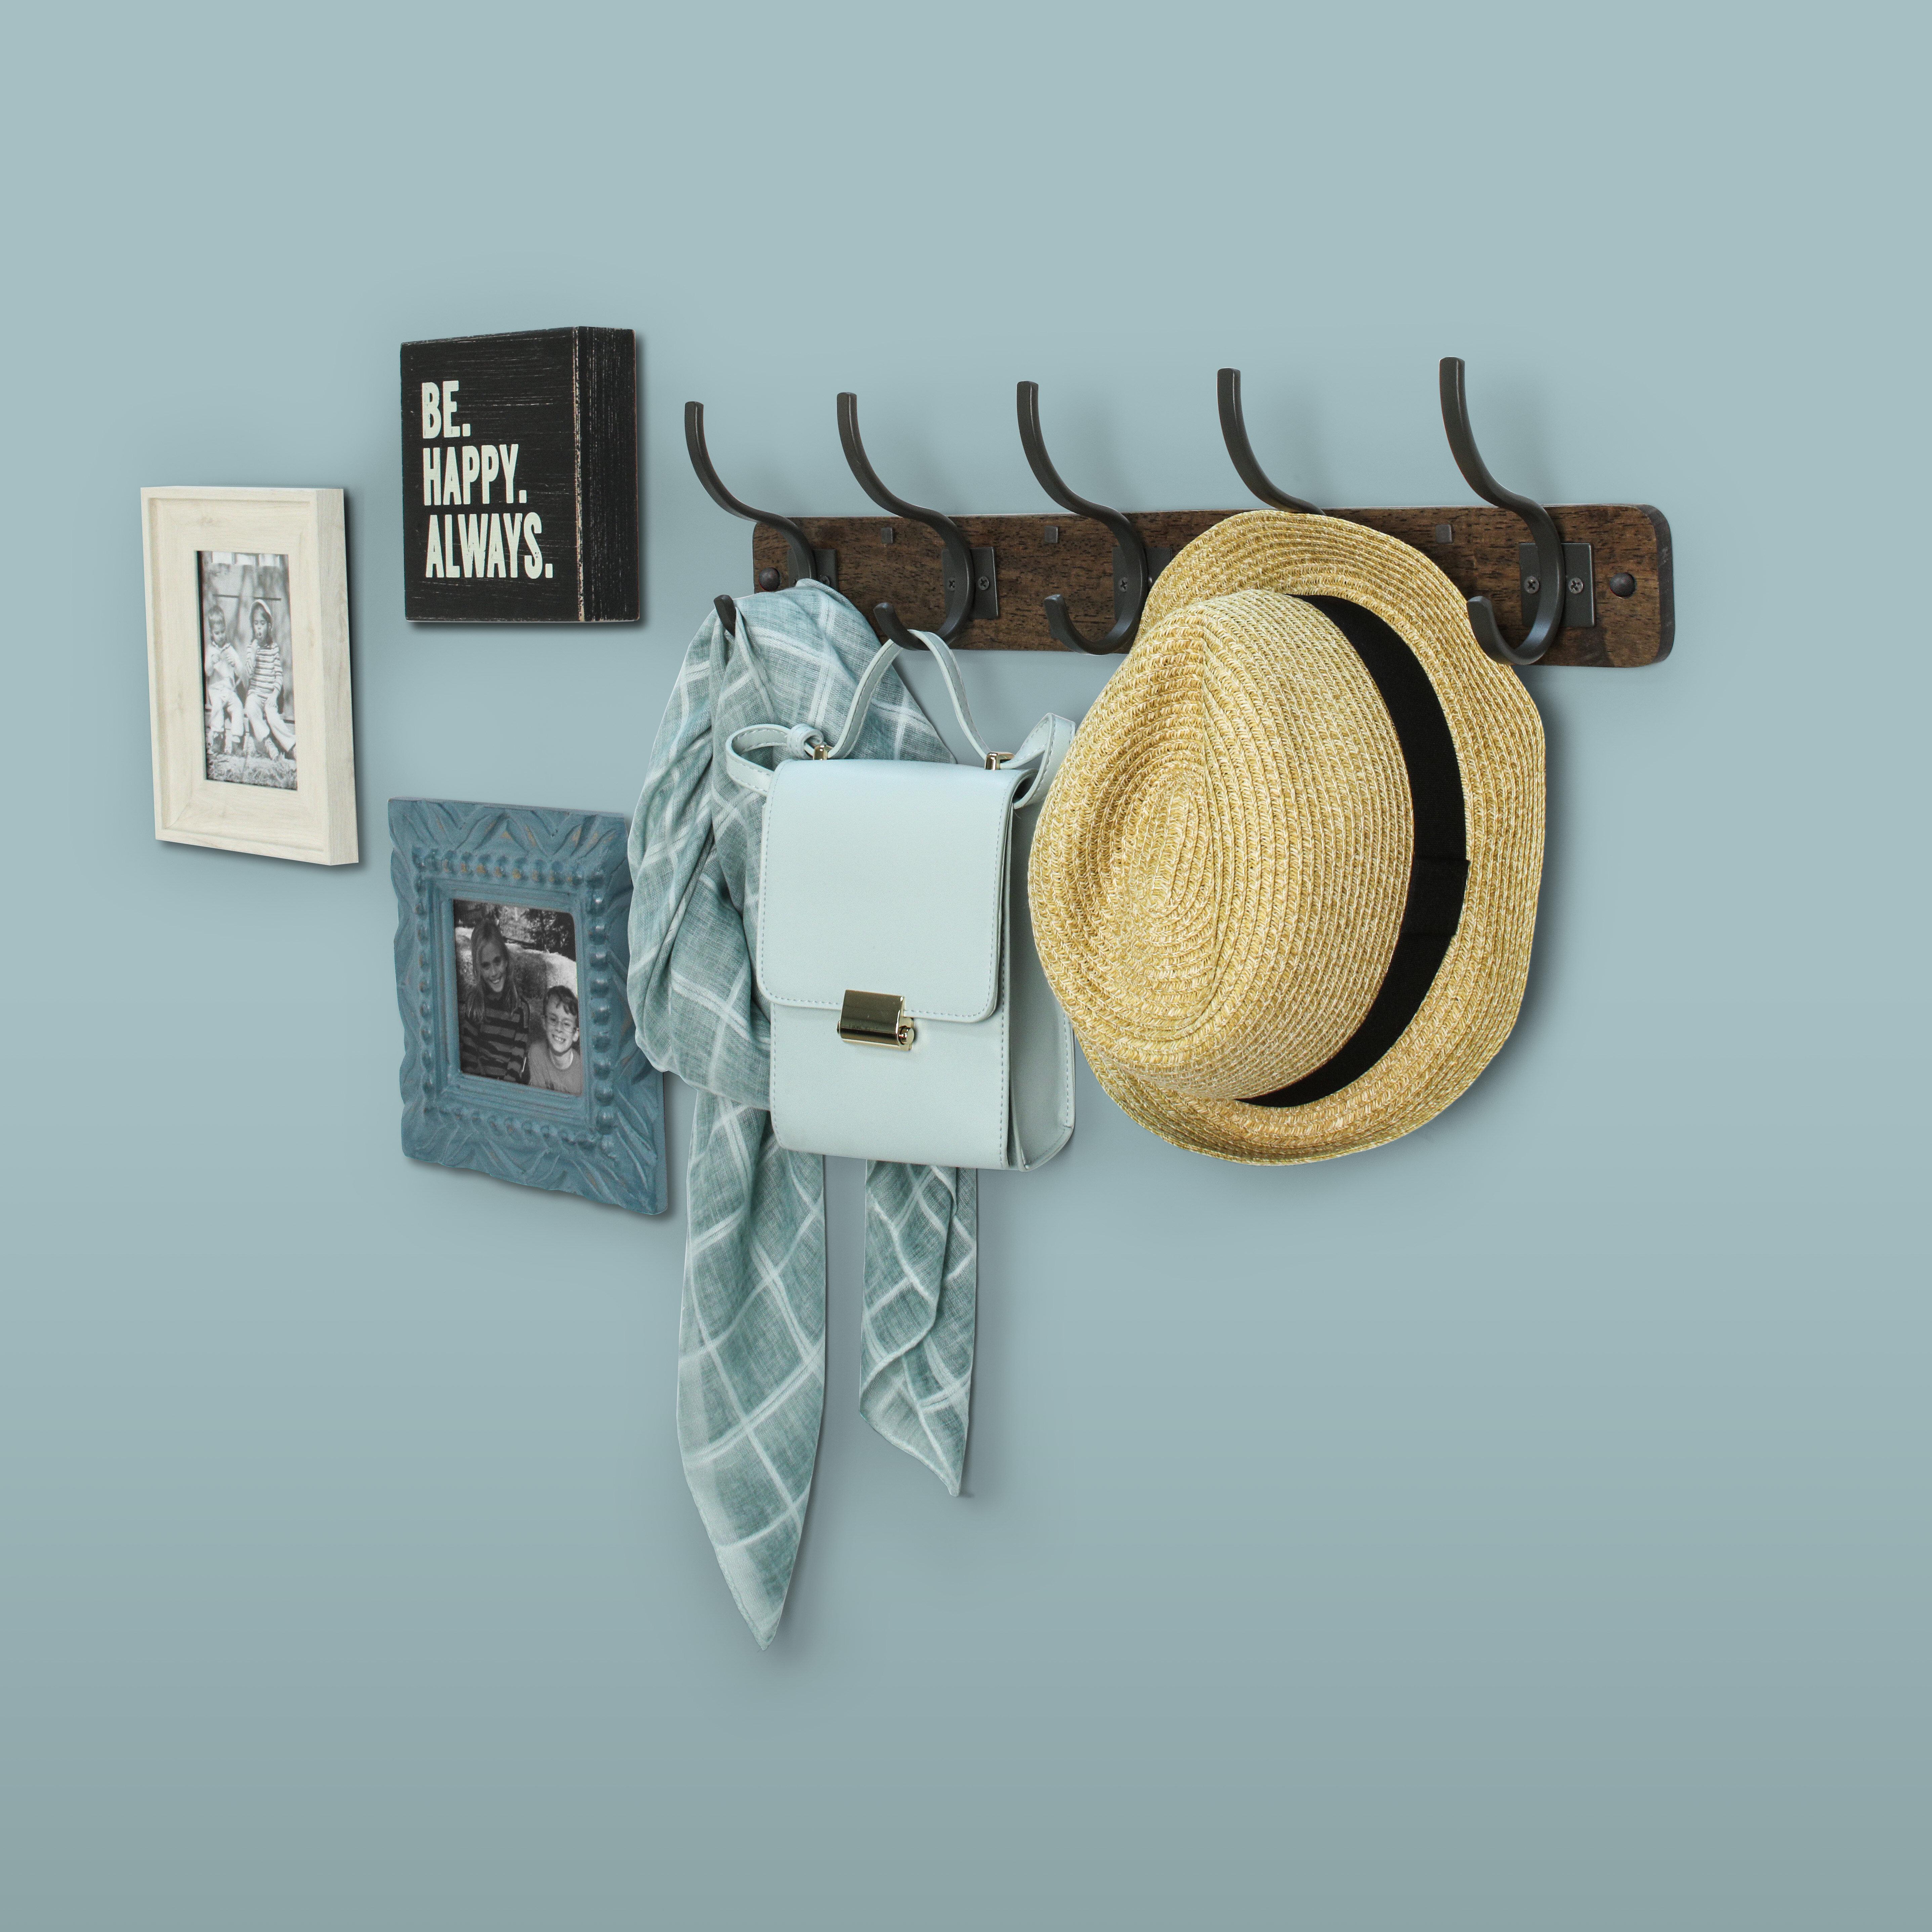 Industrial Style Metal Wall Hanging Hook Hangers coats hats handbags Rack